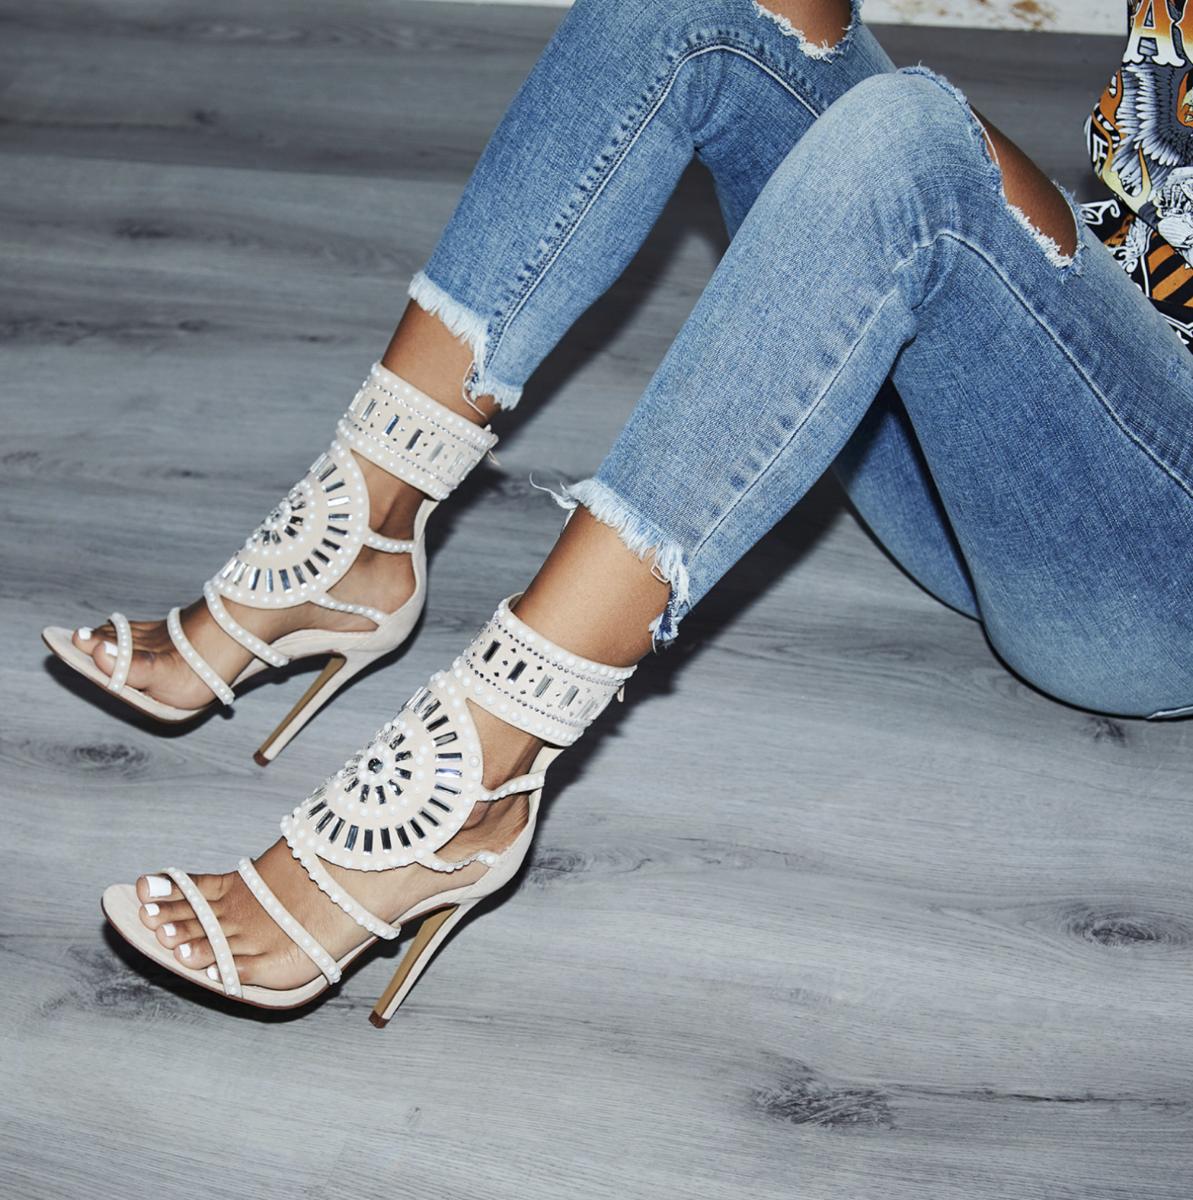 Solange Embellished Heel